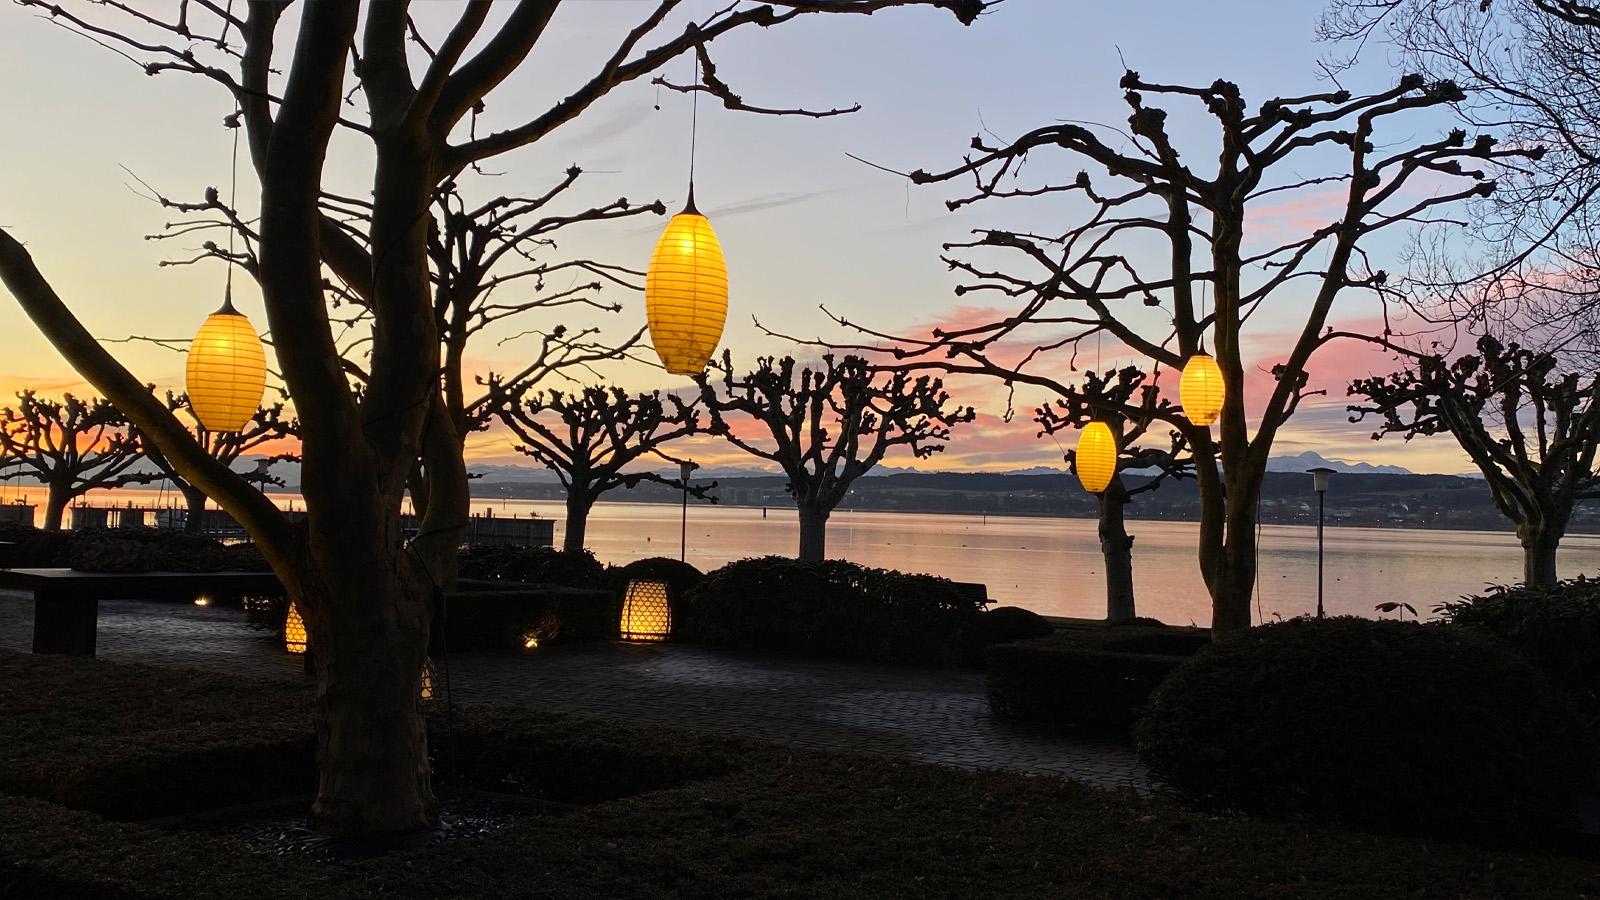 Romantische Abende bei leckerem Essen auf der Seeterrasse Hotel/Restaurant Riva - Ferienwohnung Roos Konstanz